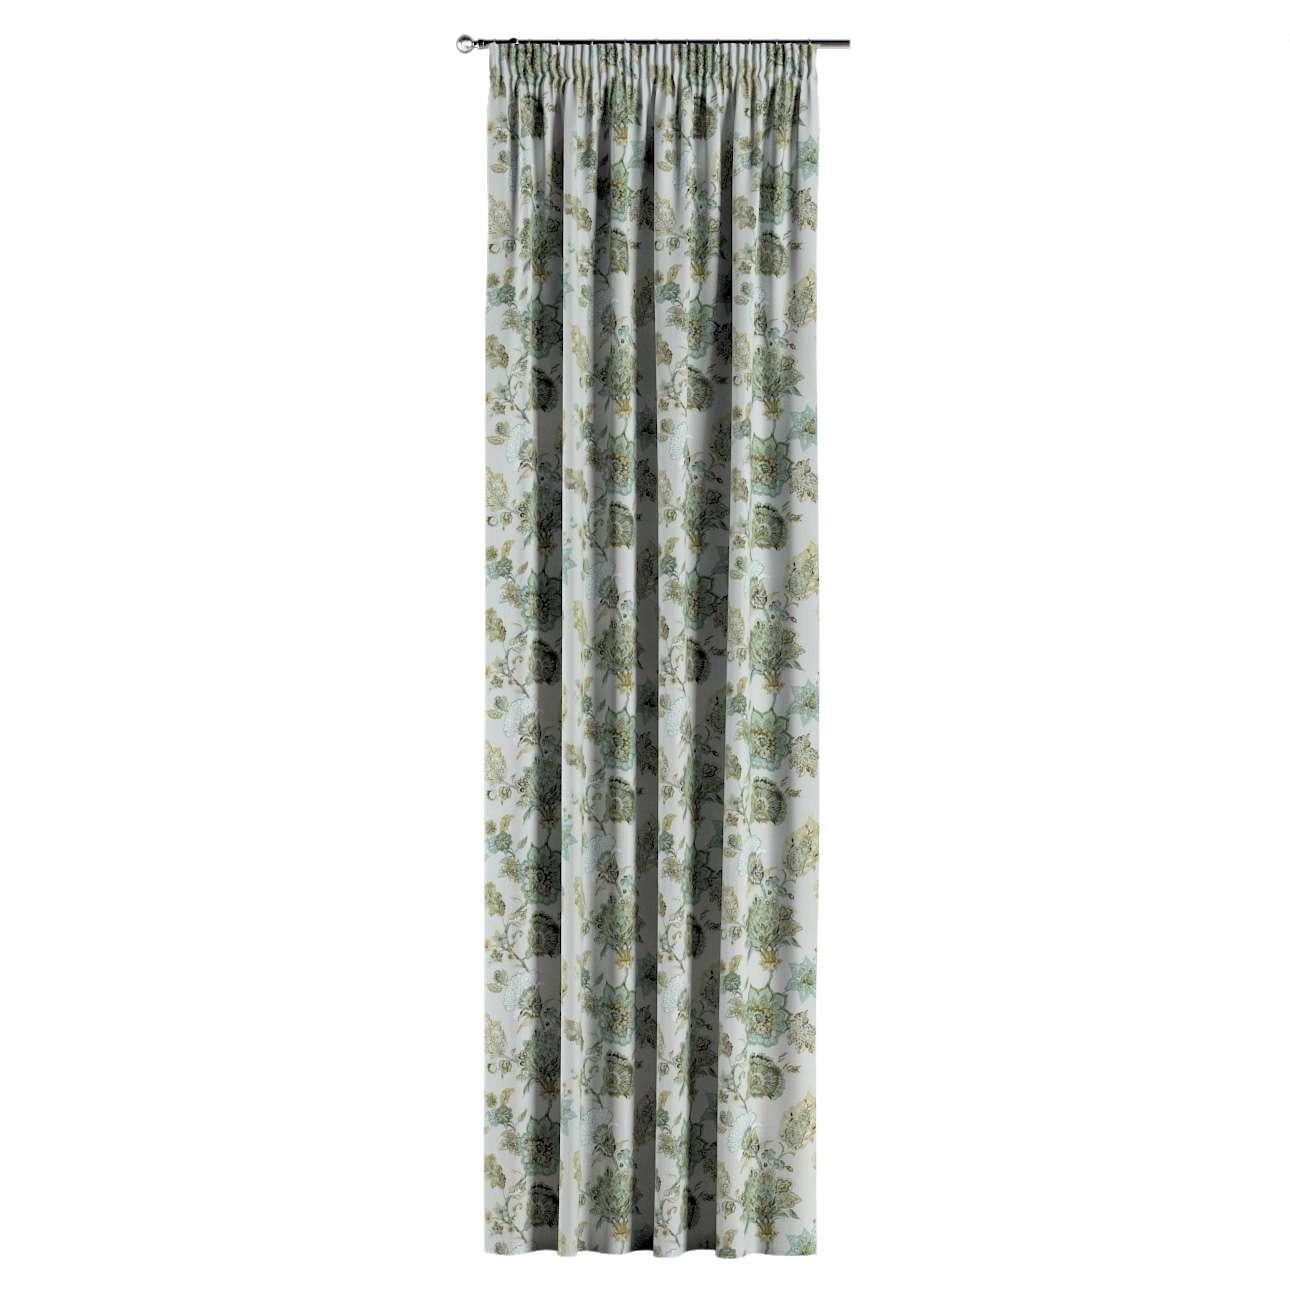 Vorhang mit Kräuselband von der Kollektion Flowers, Stoff: 143-67